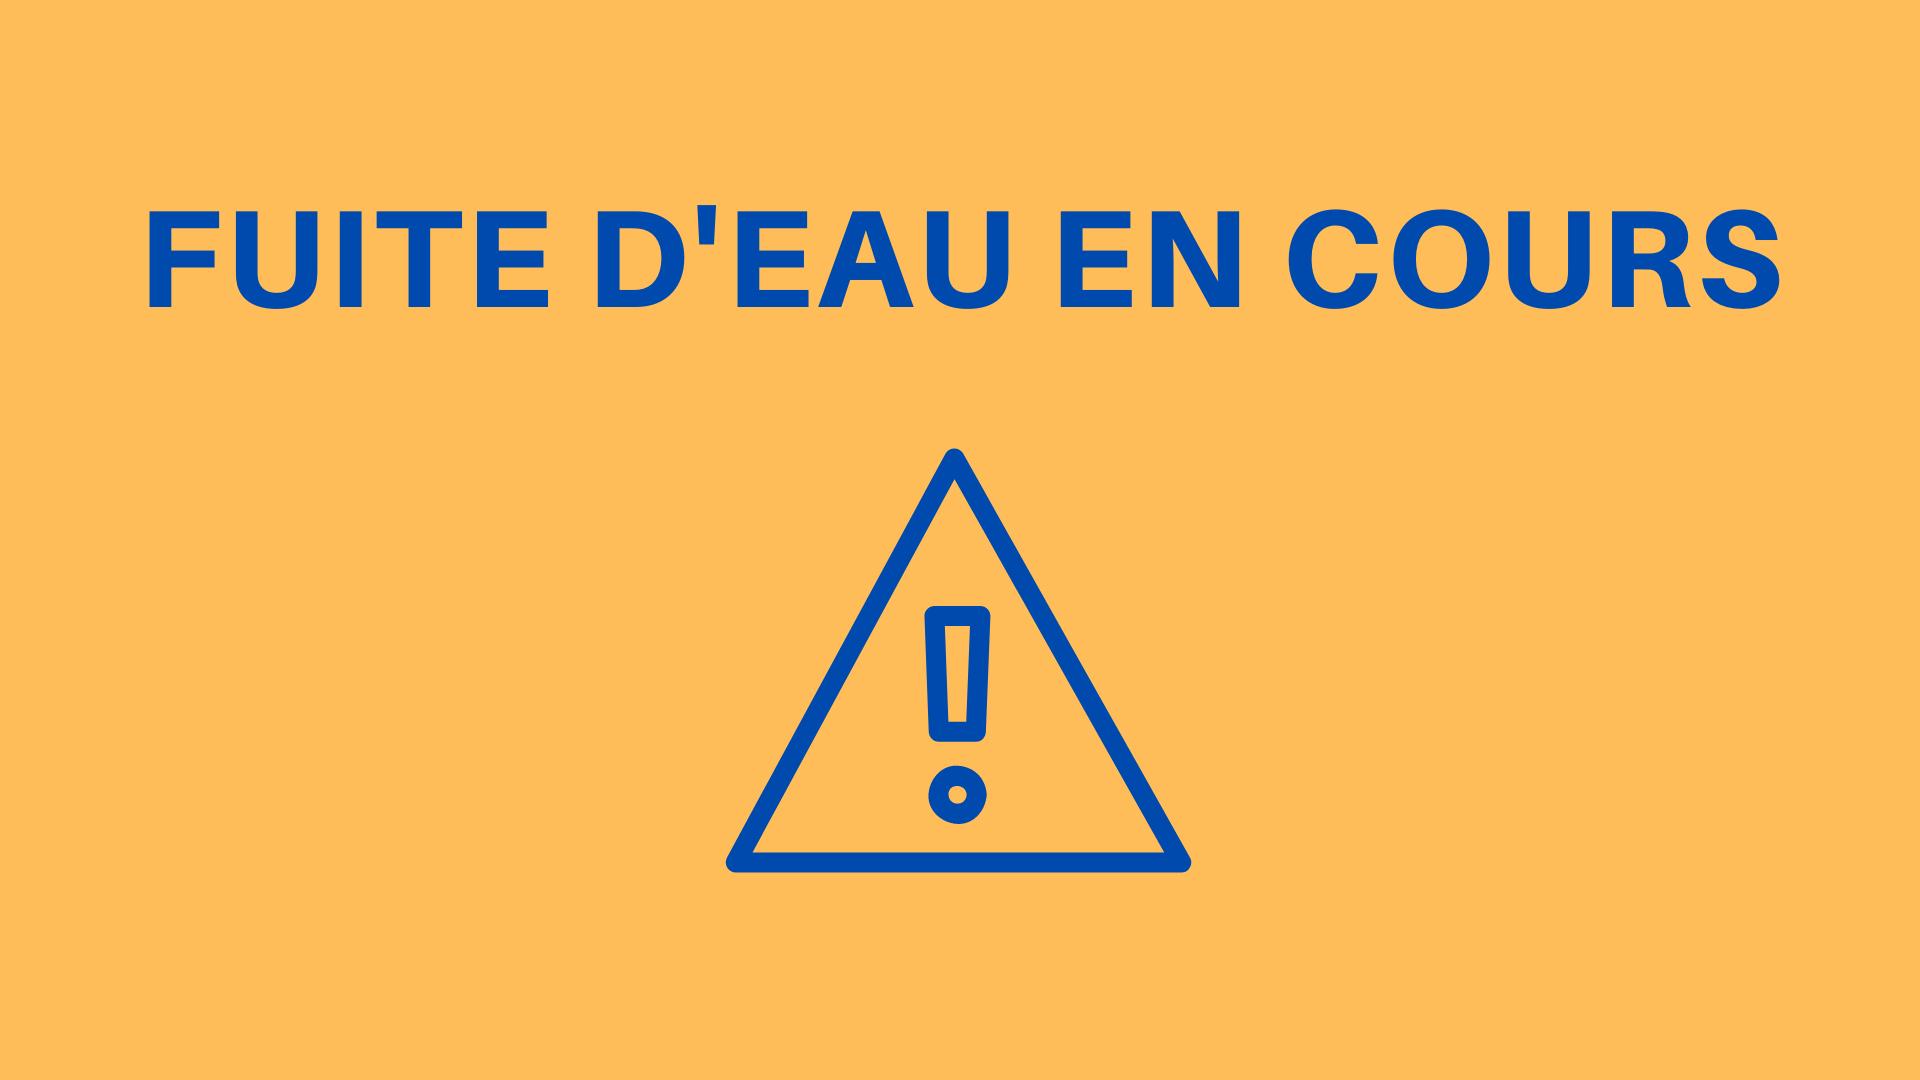 Réparation - Fuite - Secteur avenue de Lautrec